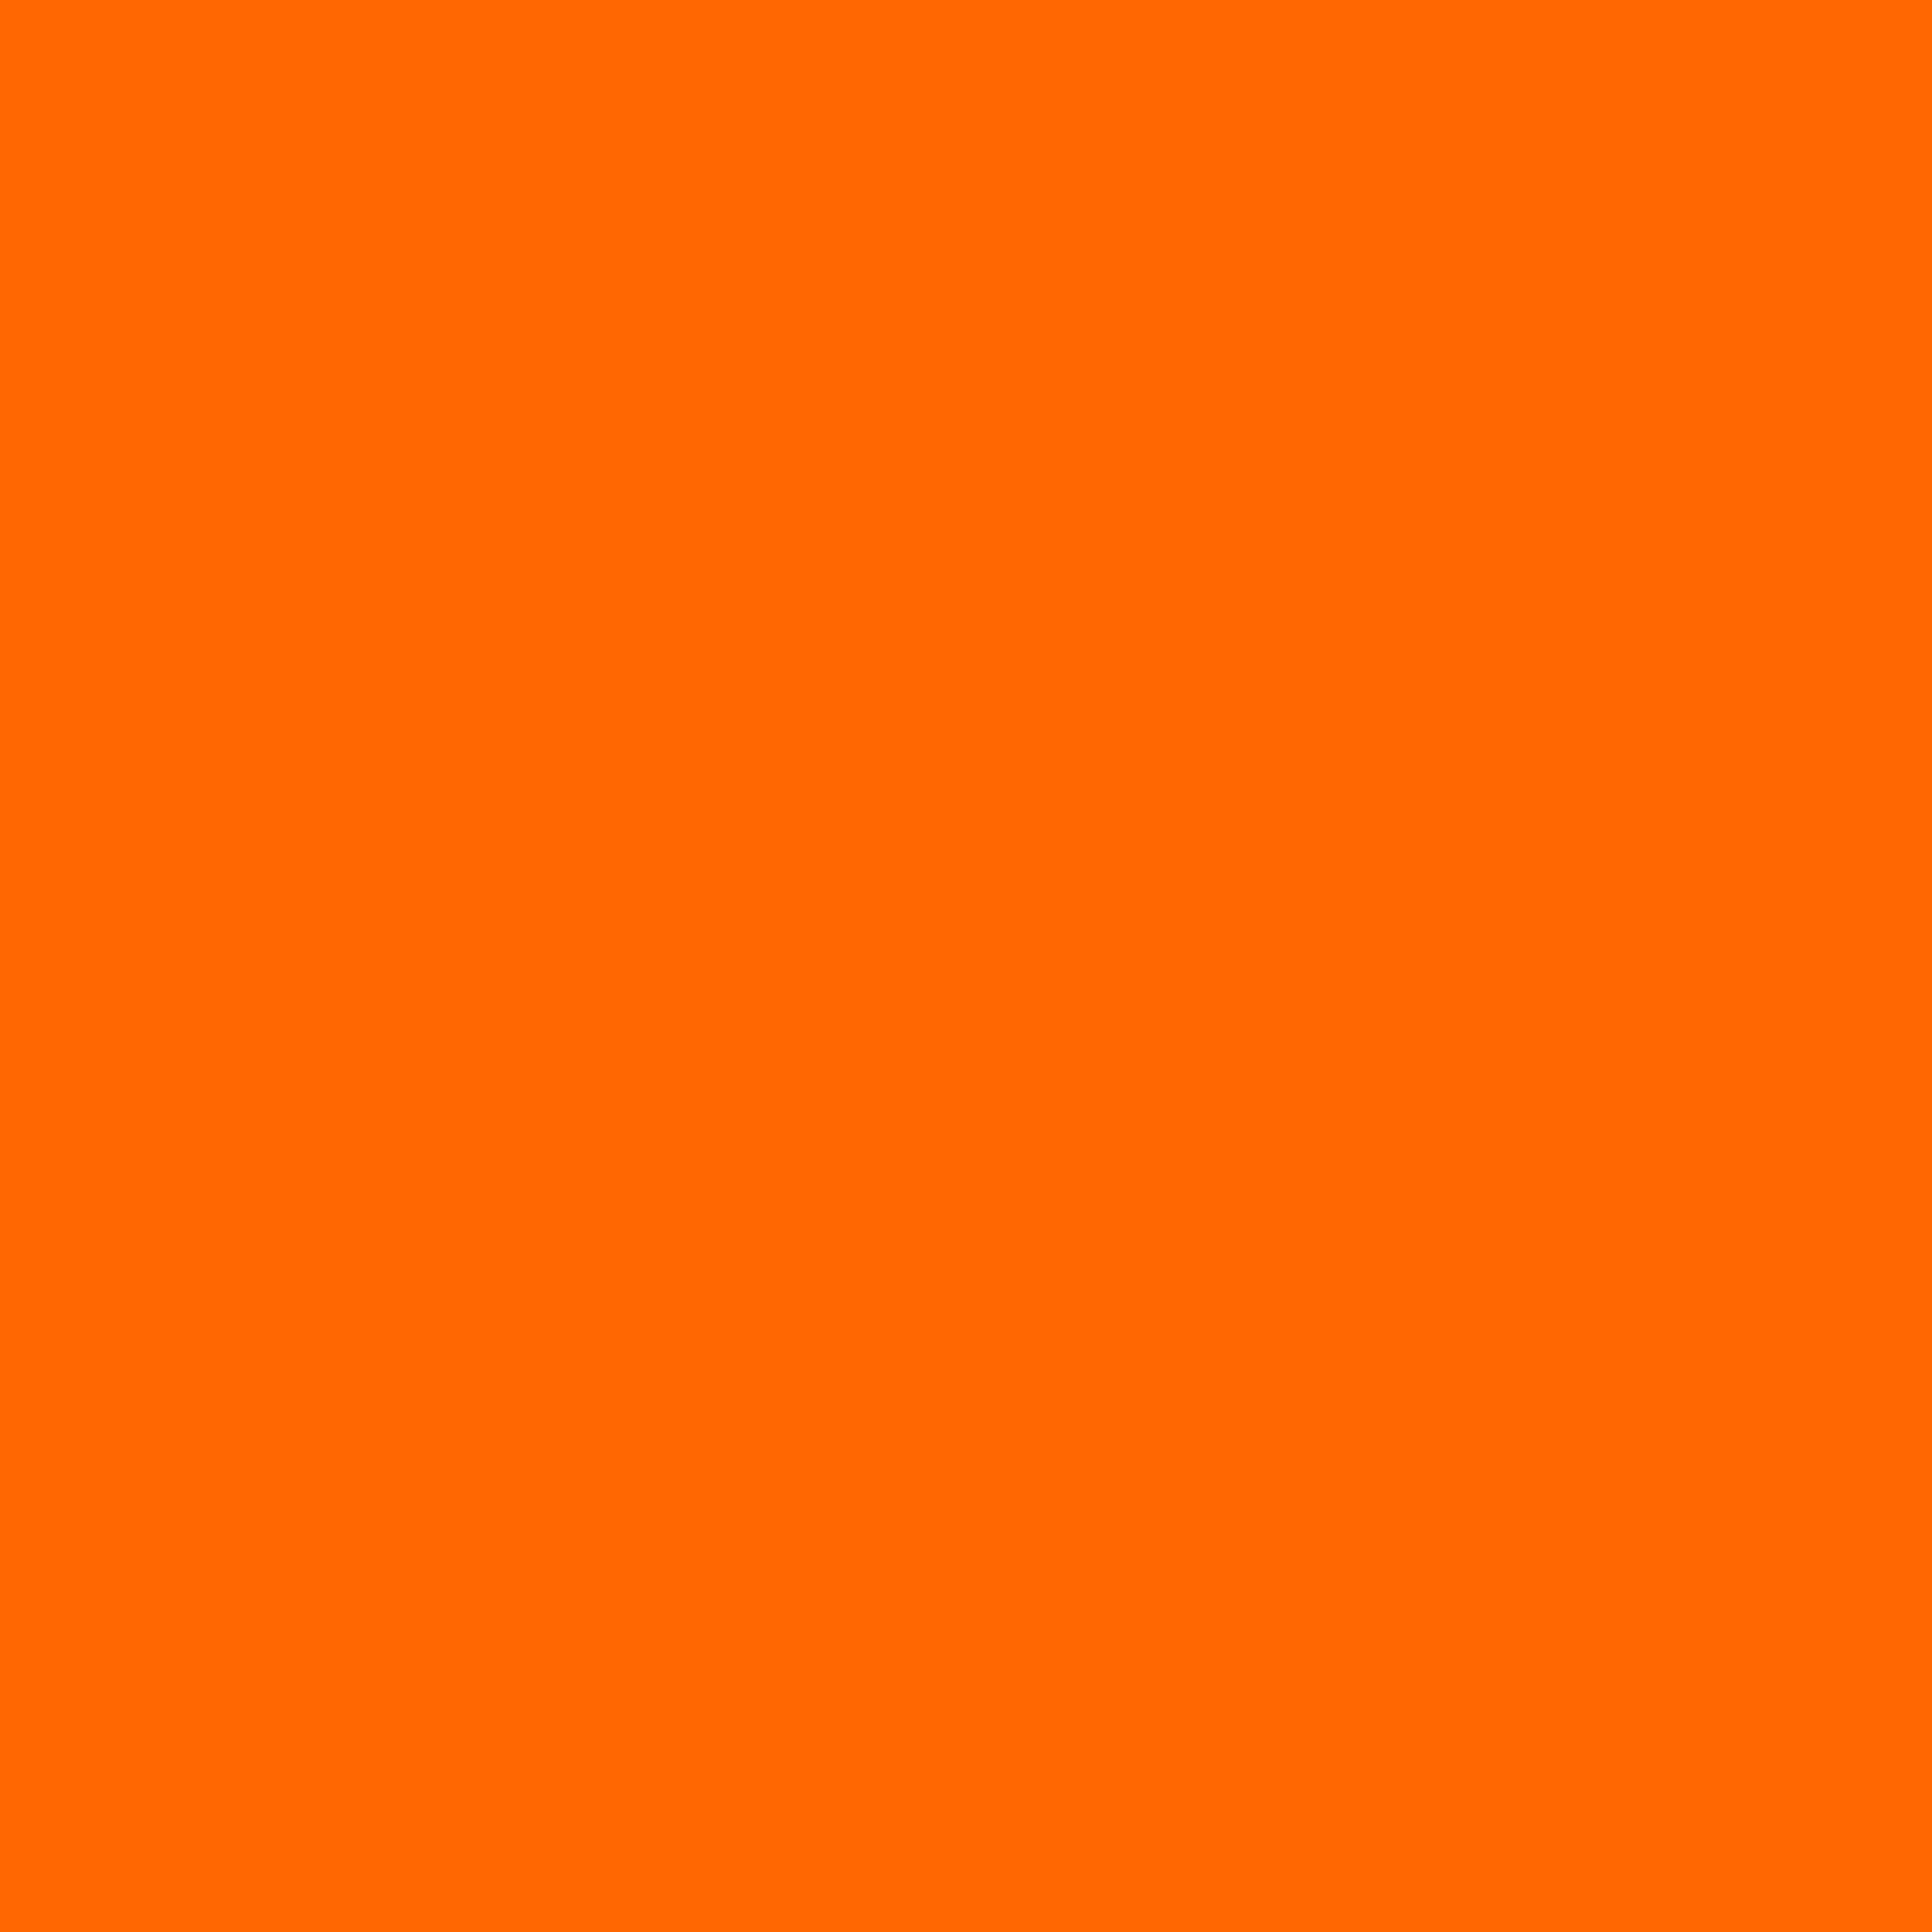 2732x2732 Safety Orange Blaze Orange Solid Color Background